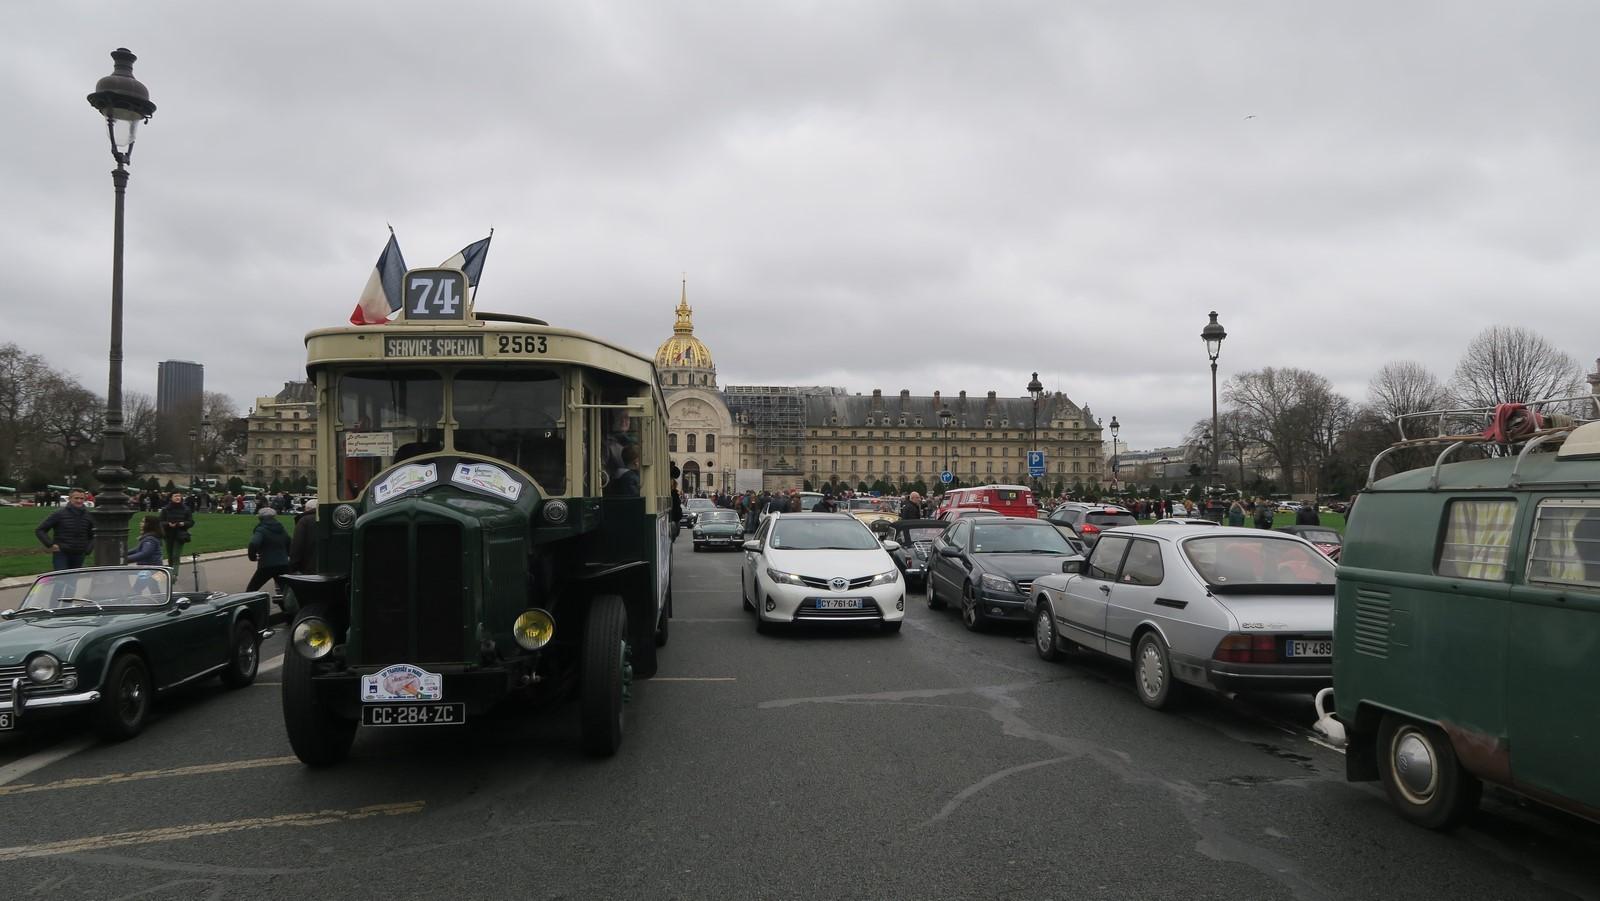 Traversee de Paris hivernale 2019 FM 92